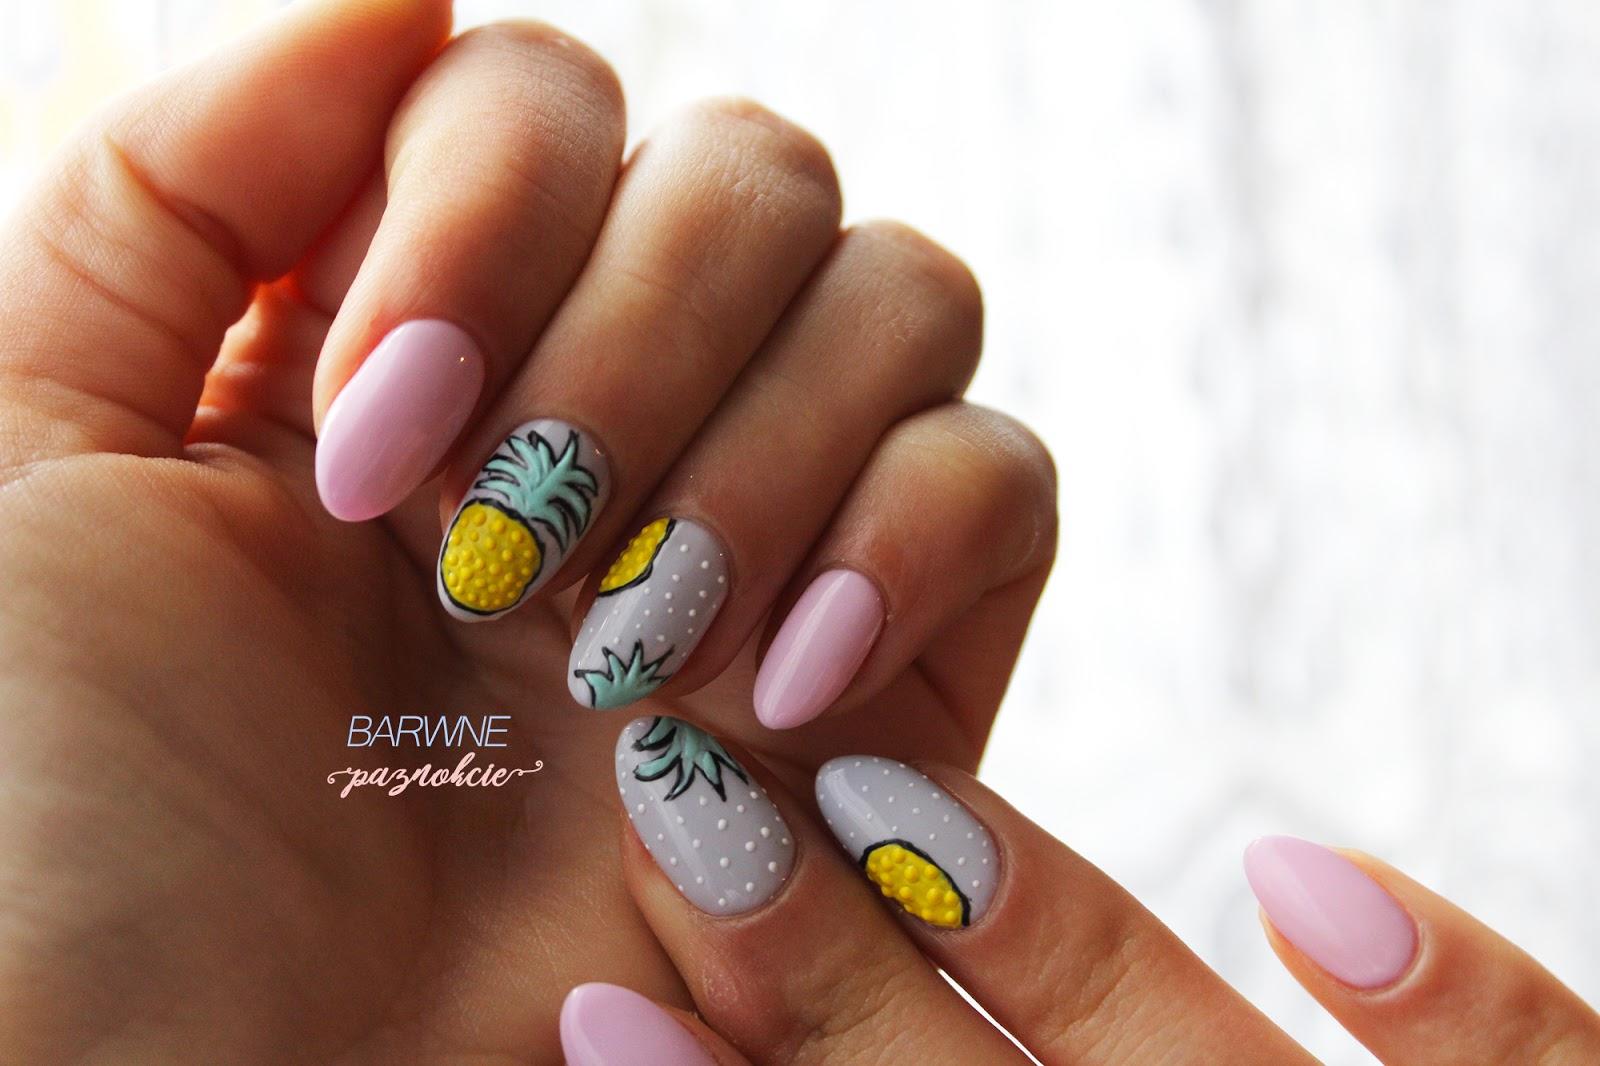 Ananasy na pazokciach, owoce na paznokciach, mistero milano, manicure hybrydowy